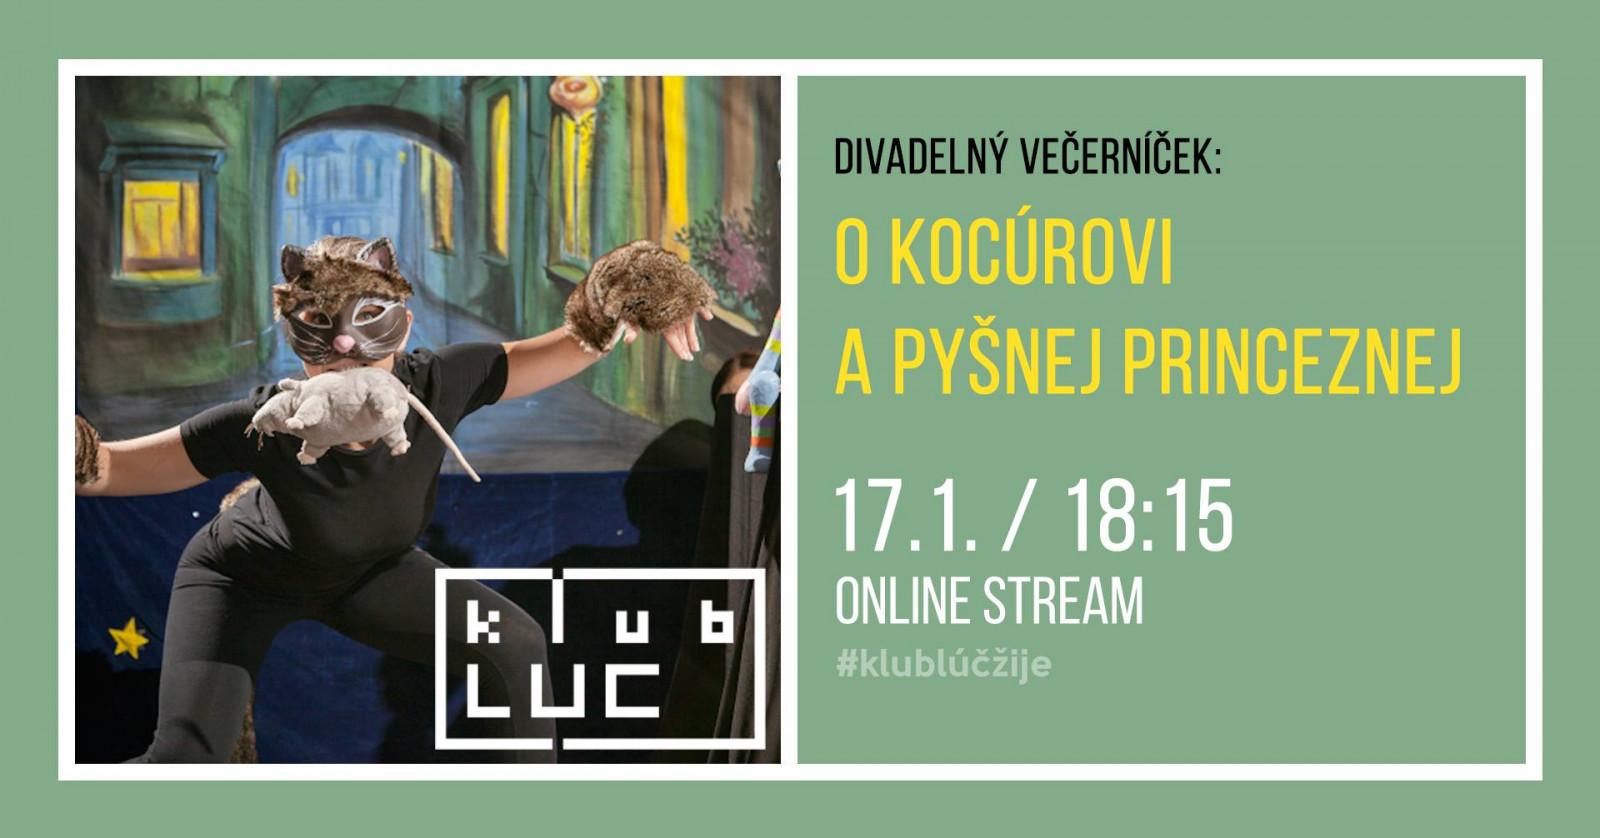 Divadelný večerníček: Tri kúzelné dary - 31.1.2021 od 18:30 do 19:30